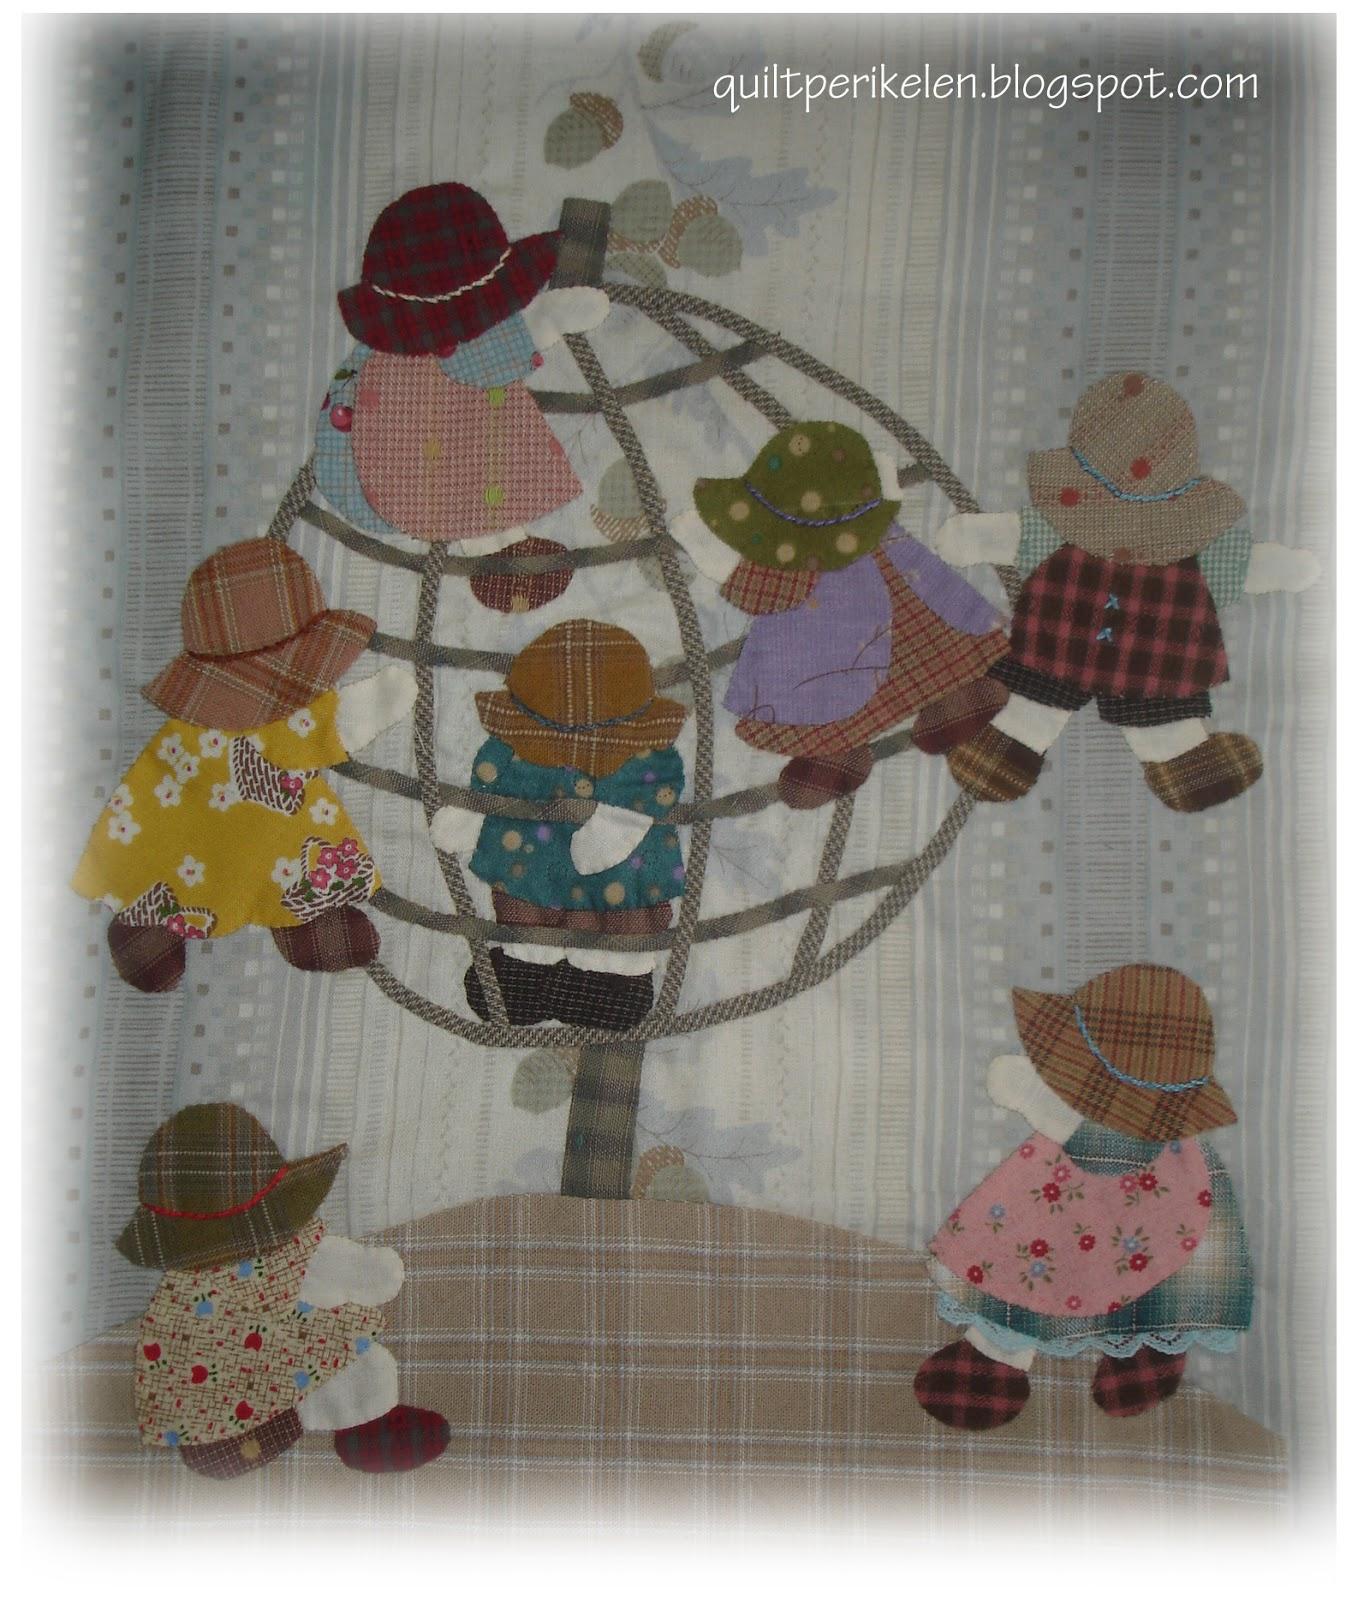 Bonnets girls kato design quilt sun japan crafts - Reiko kato patchwork ...